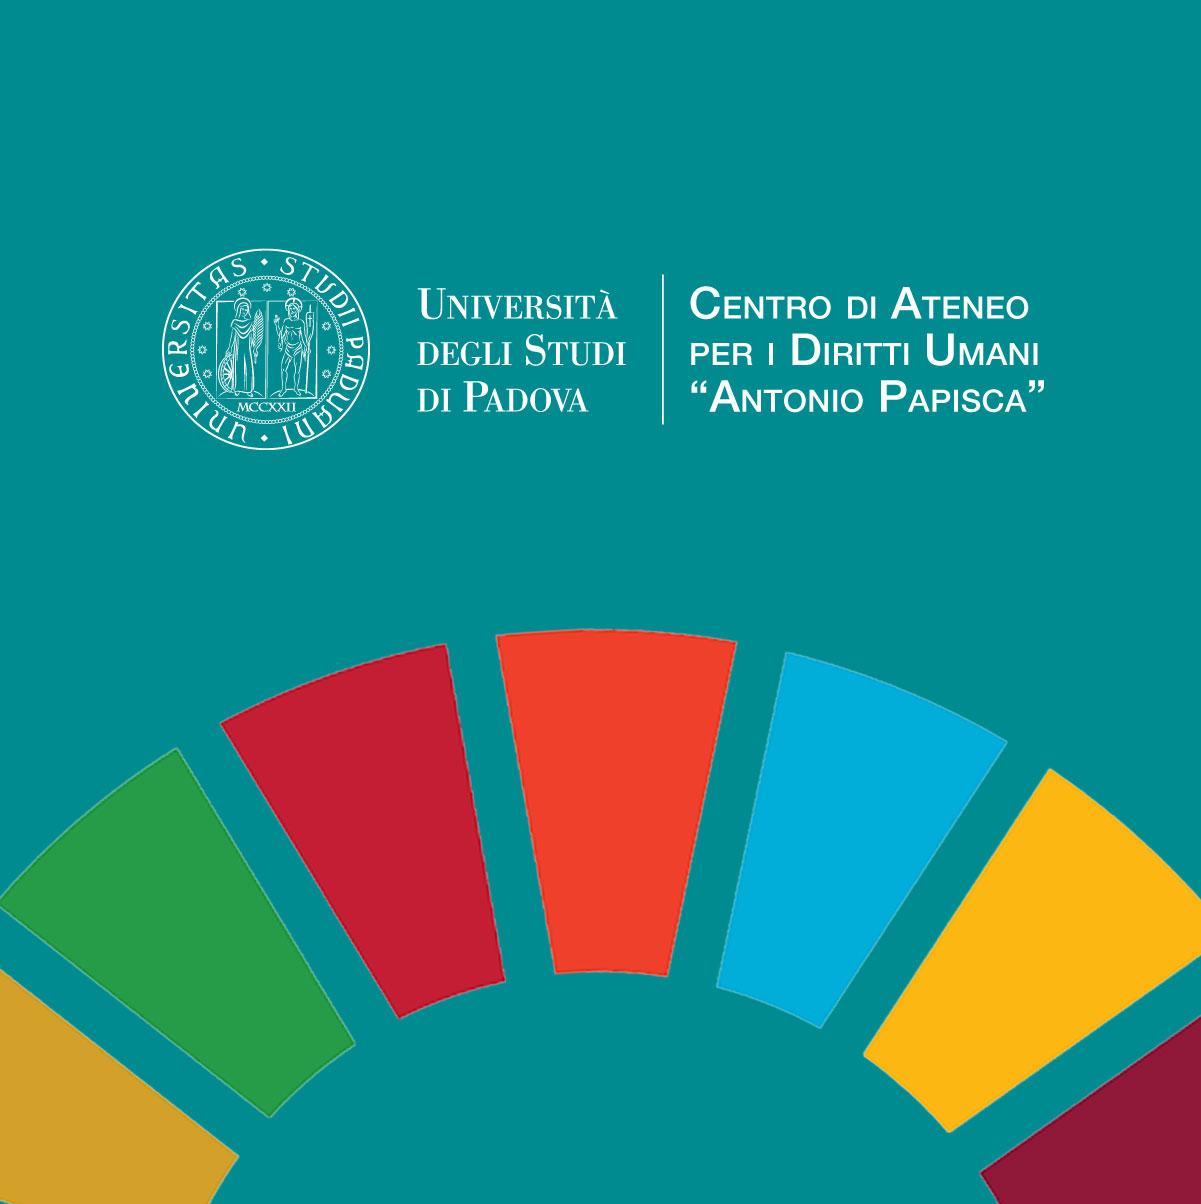 """Centro di Ateneo per i Diritti Umani """"Antonio Papisca"""", Università di Padova"""